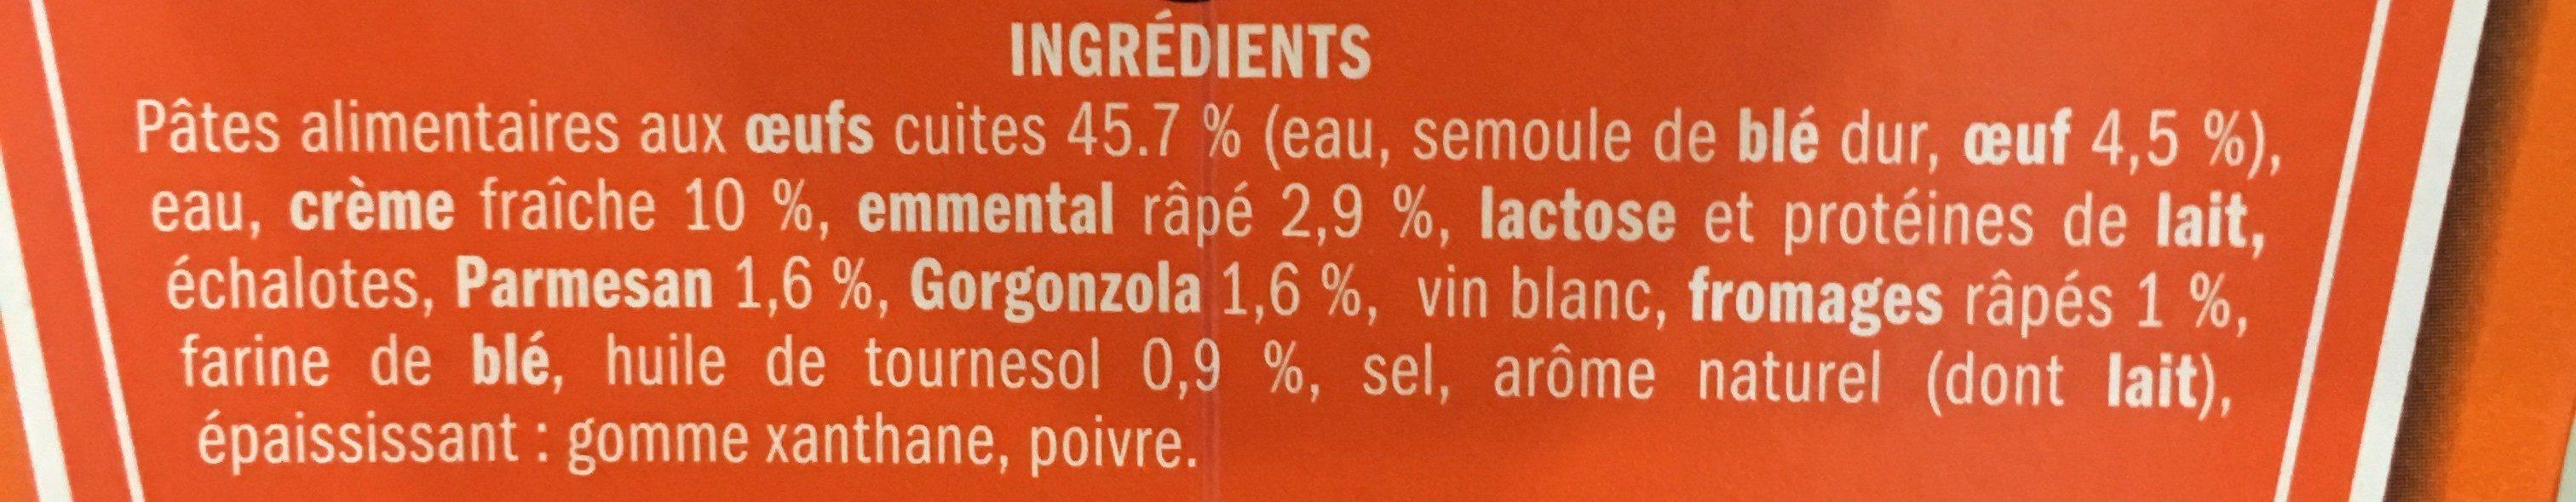 Fusilli aux fromages italiens - box - Ingrédients